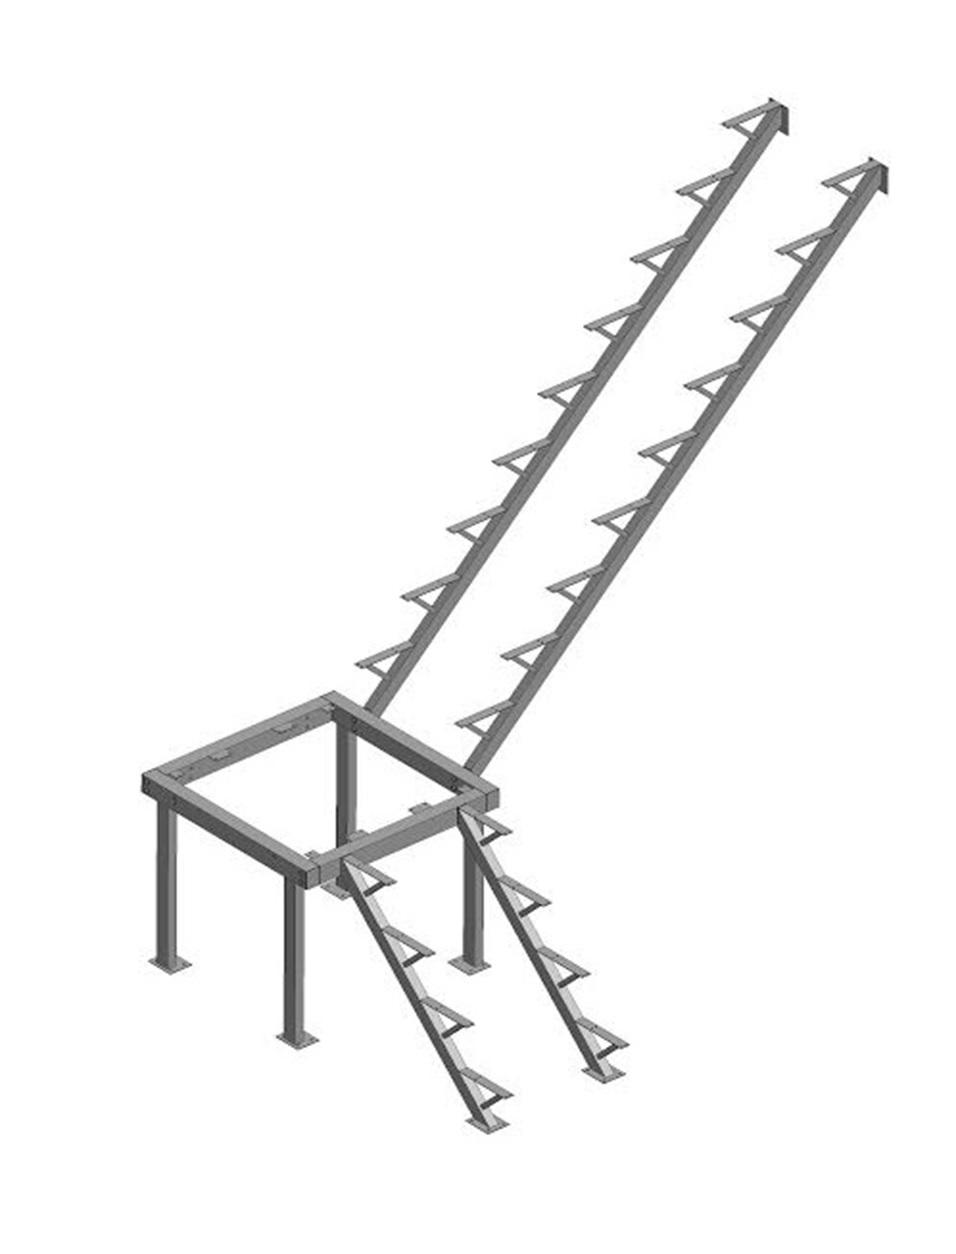 Каркас к лестнице ЛЕС-05 универсальной (поворот 90°)